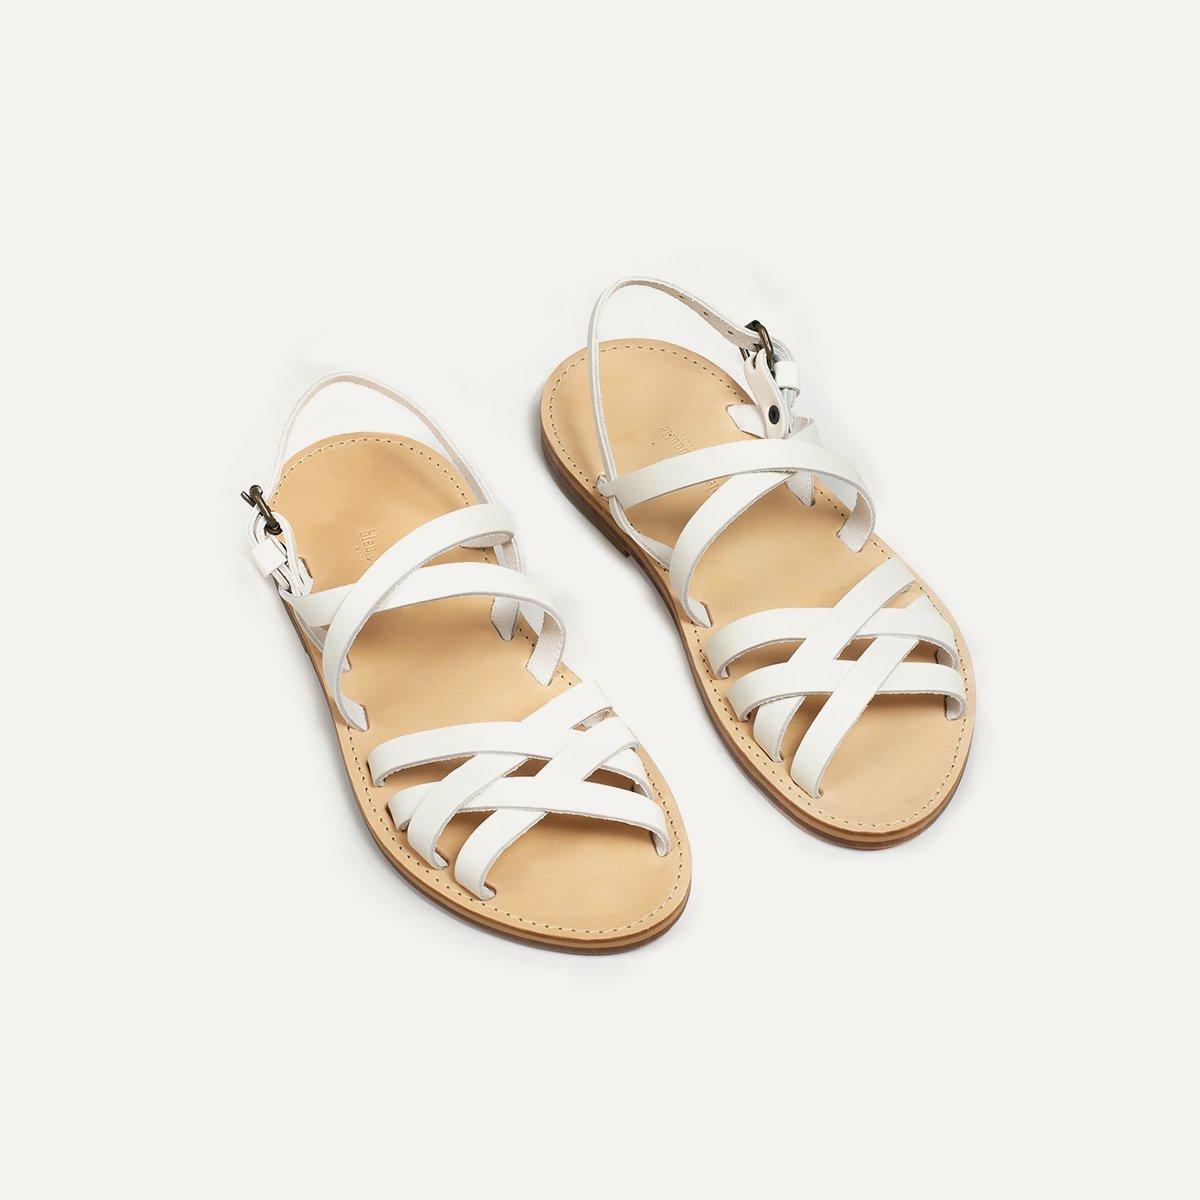 Sandales cuir Majour - Blanc (image n°3)